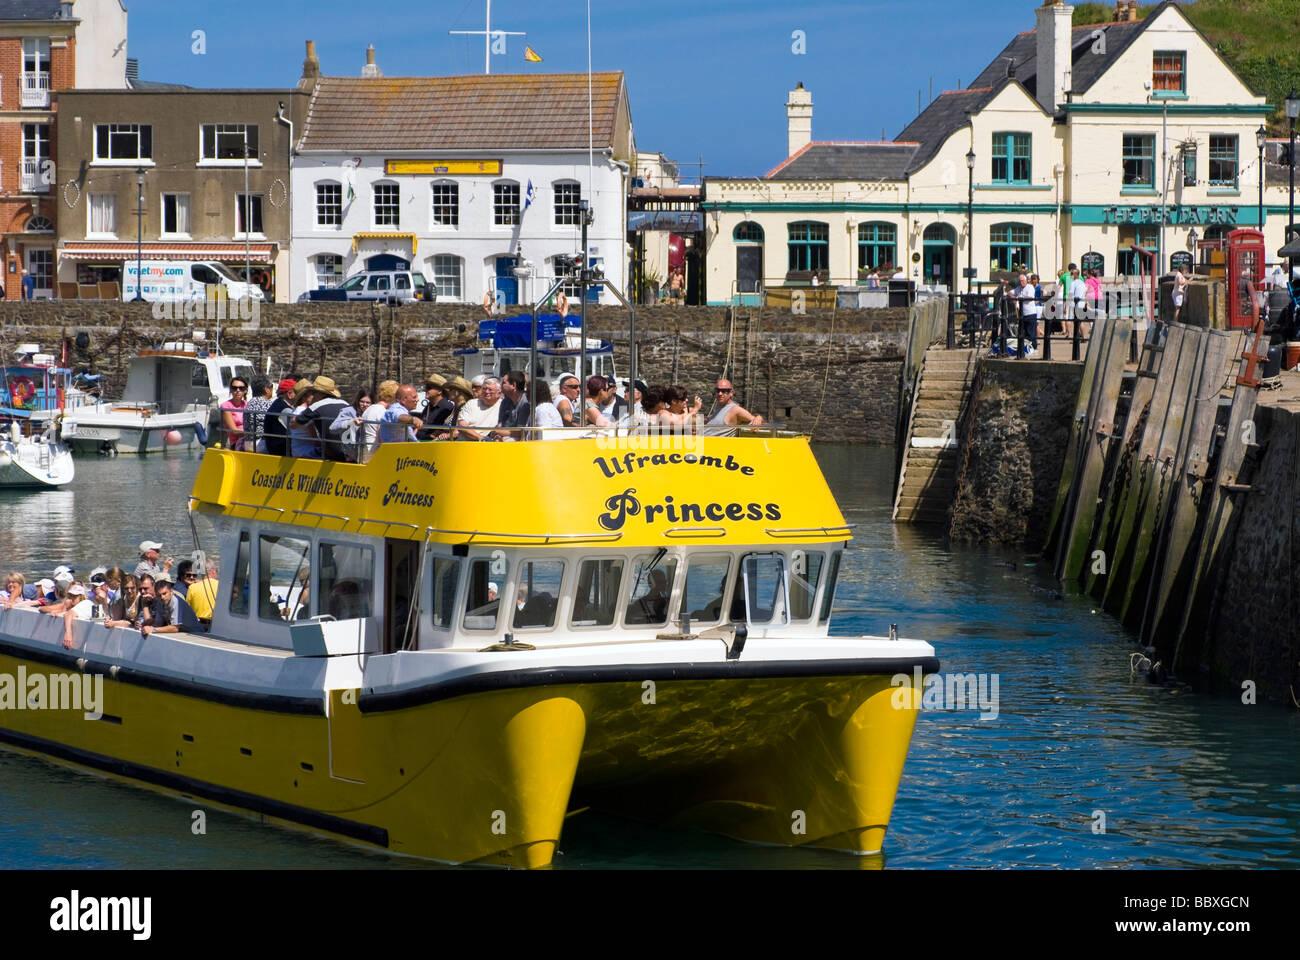 Bateau catamaran Princesse Ilfracombe offrant des croisières côtières et vie sauvage. Bateau de croisière Photo Stock